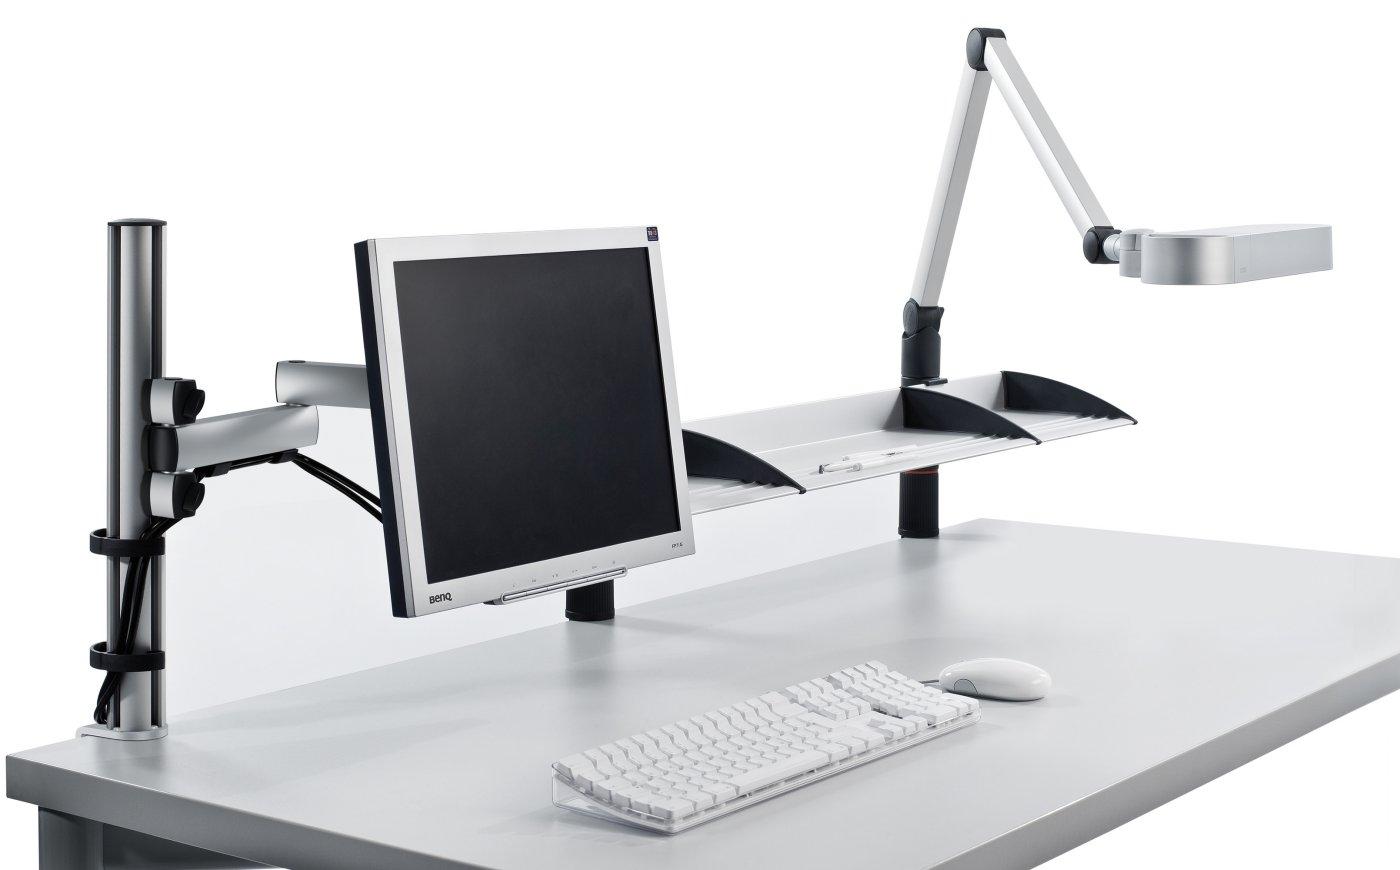 schreibtischhalterung mit drehbarem monitor gelenkarm und schwenkbare schreibtischlampe. Black Bedroom Furniture Sets. Home Design Ideas